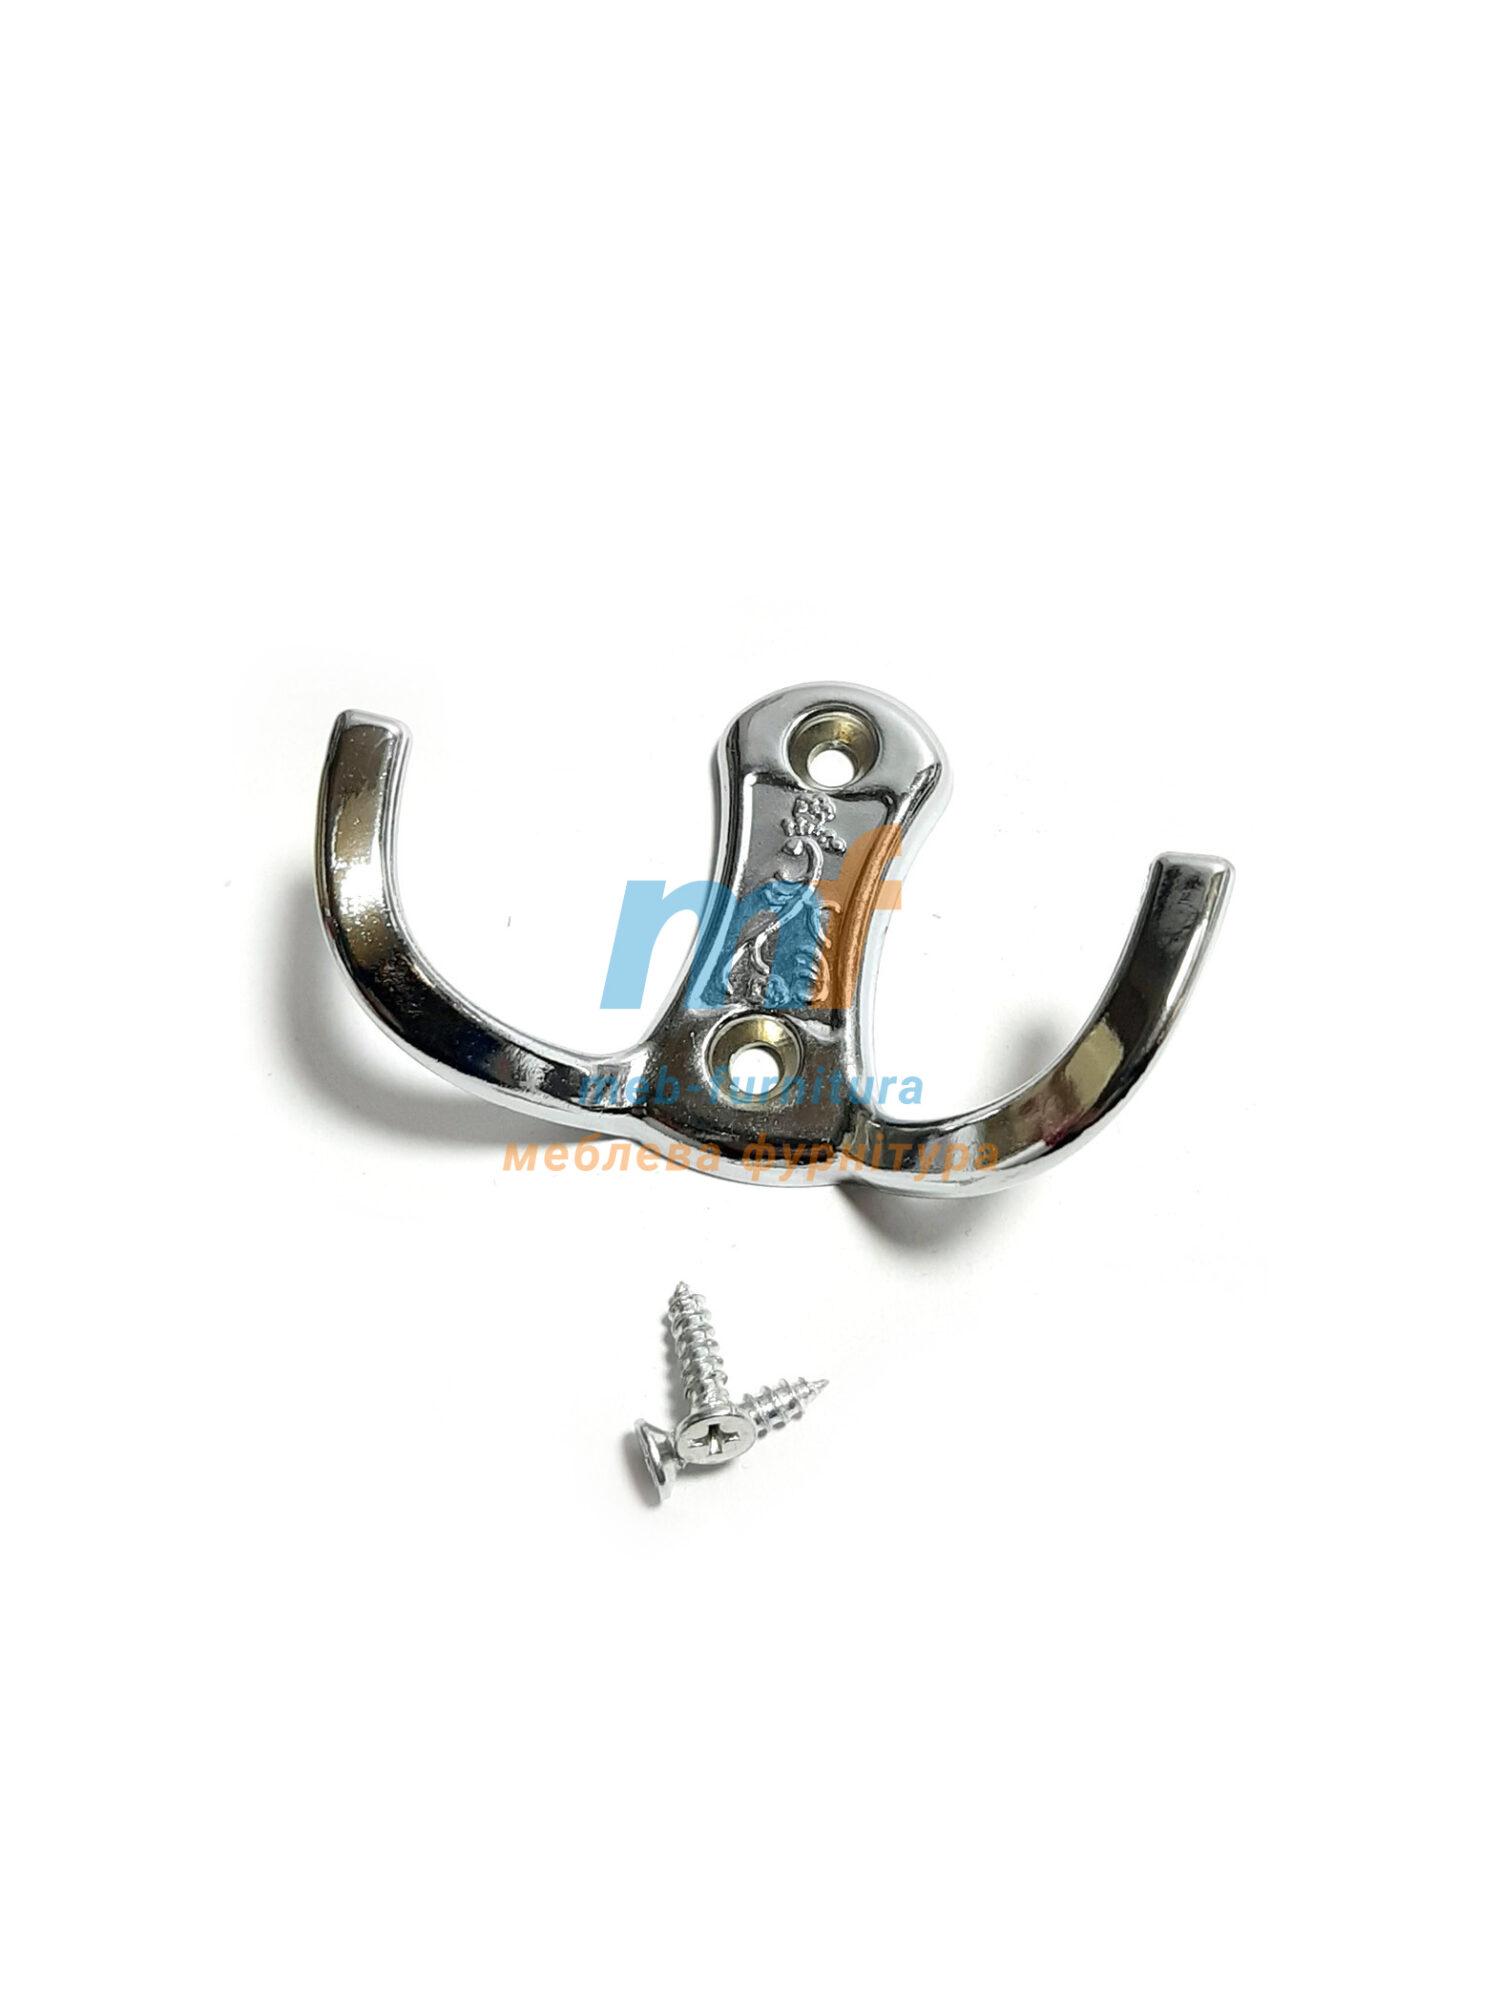 Ключок Лилия - хром